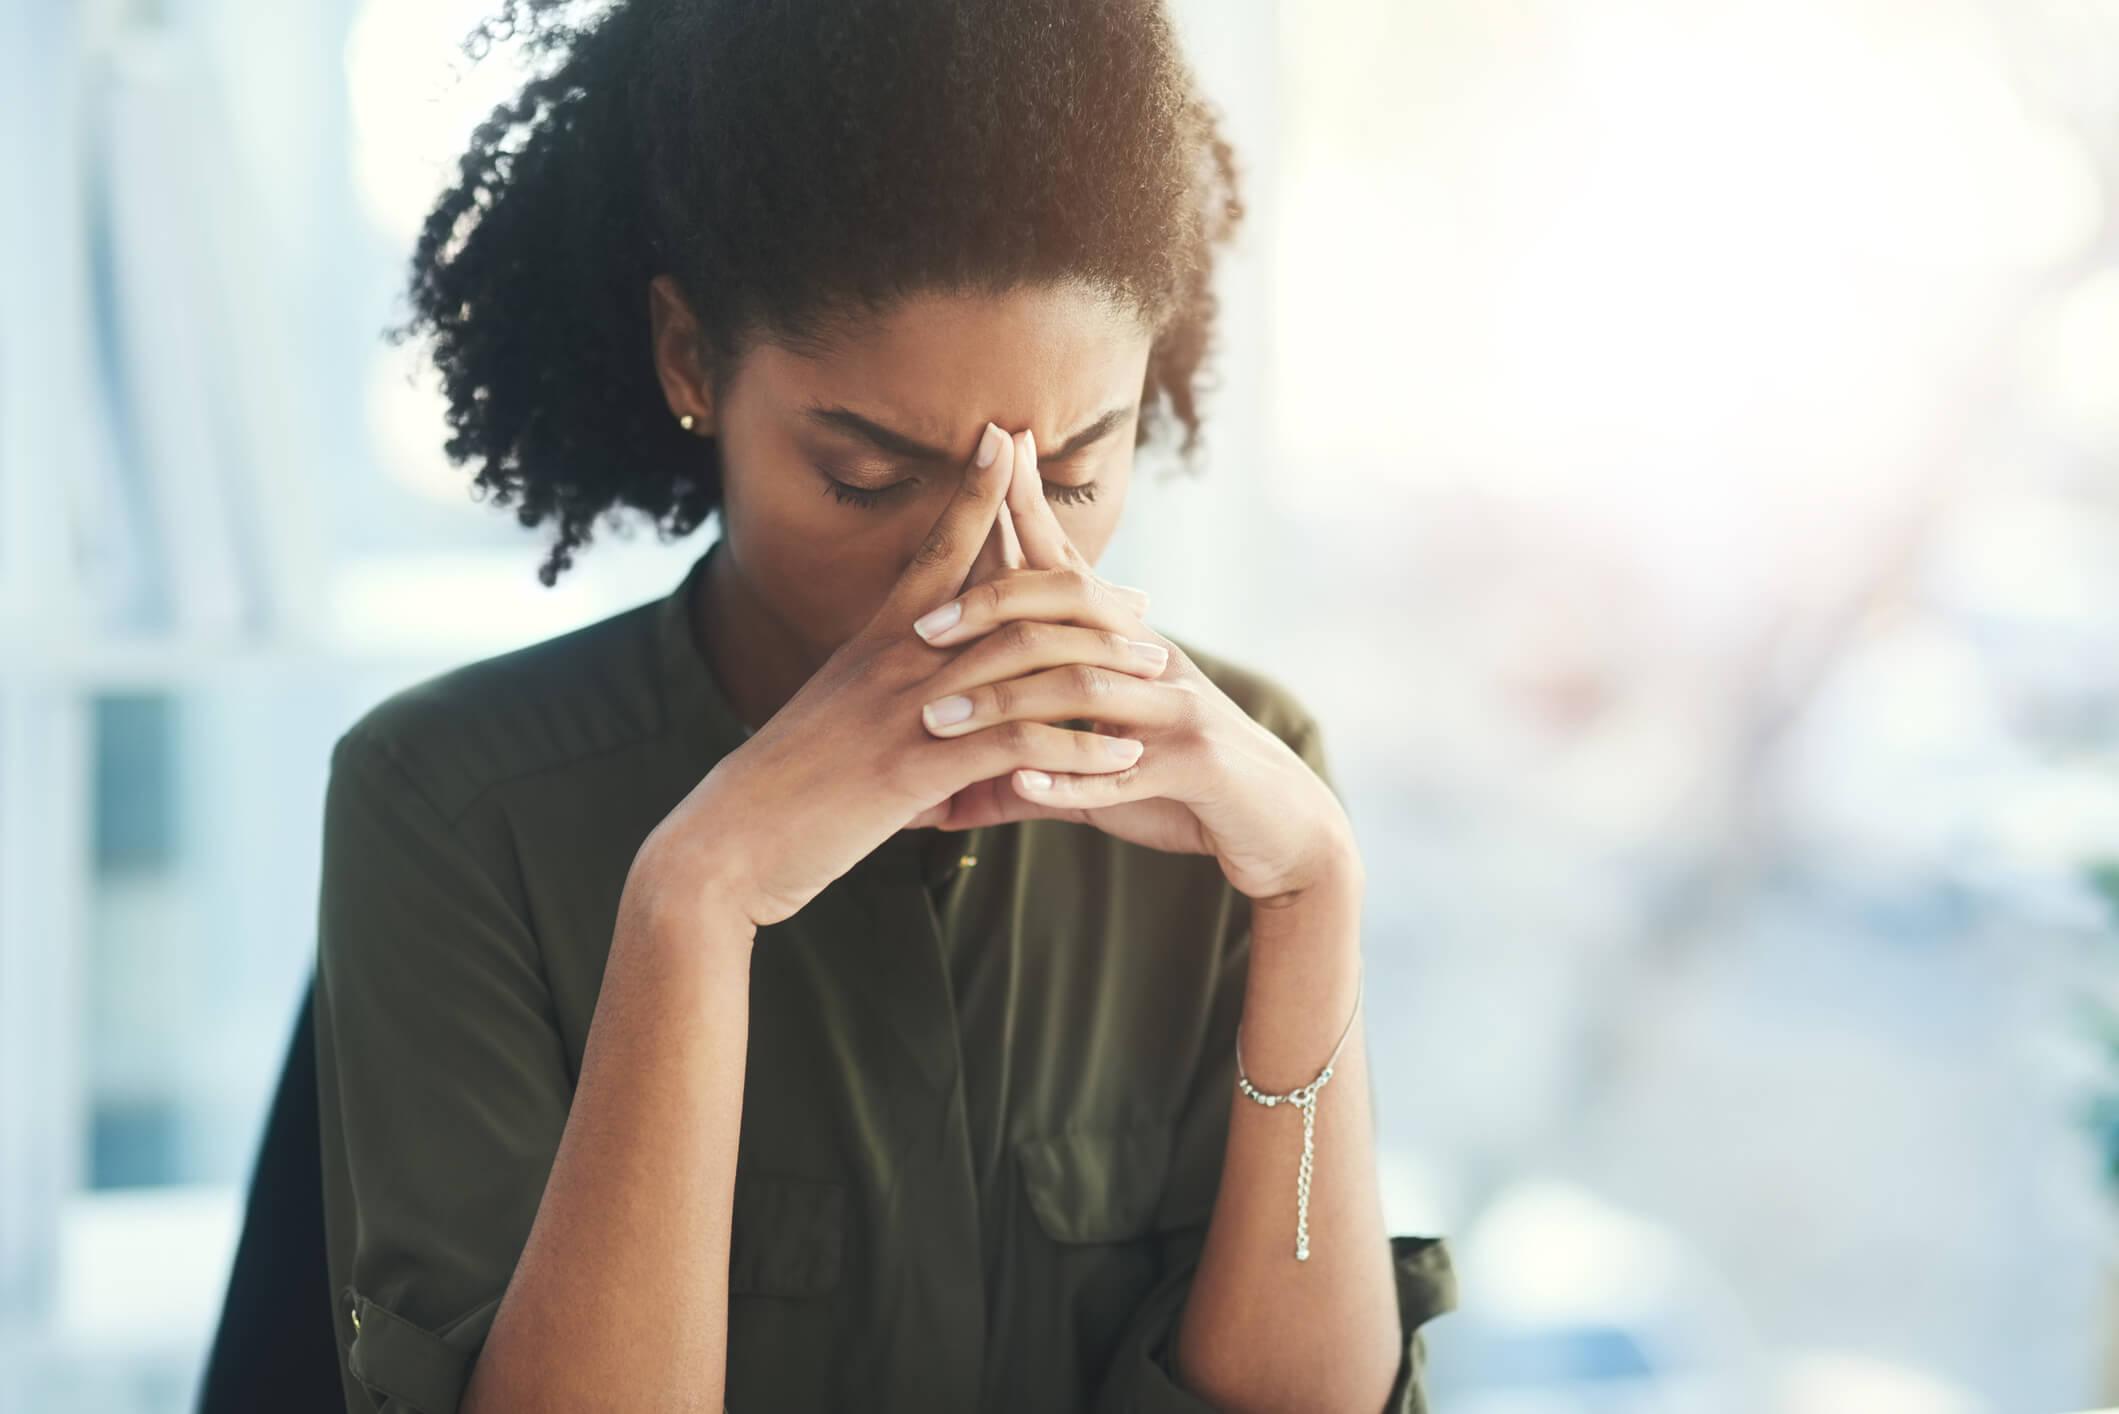 4 dicas para identificar e combater padrões de comportamento tóxicos